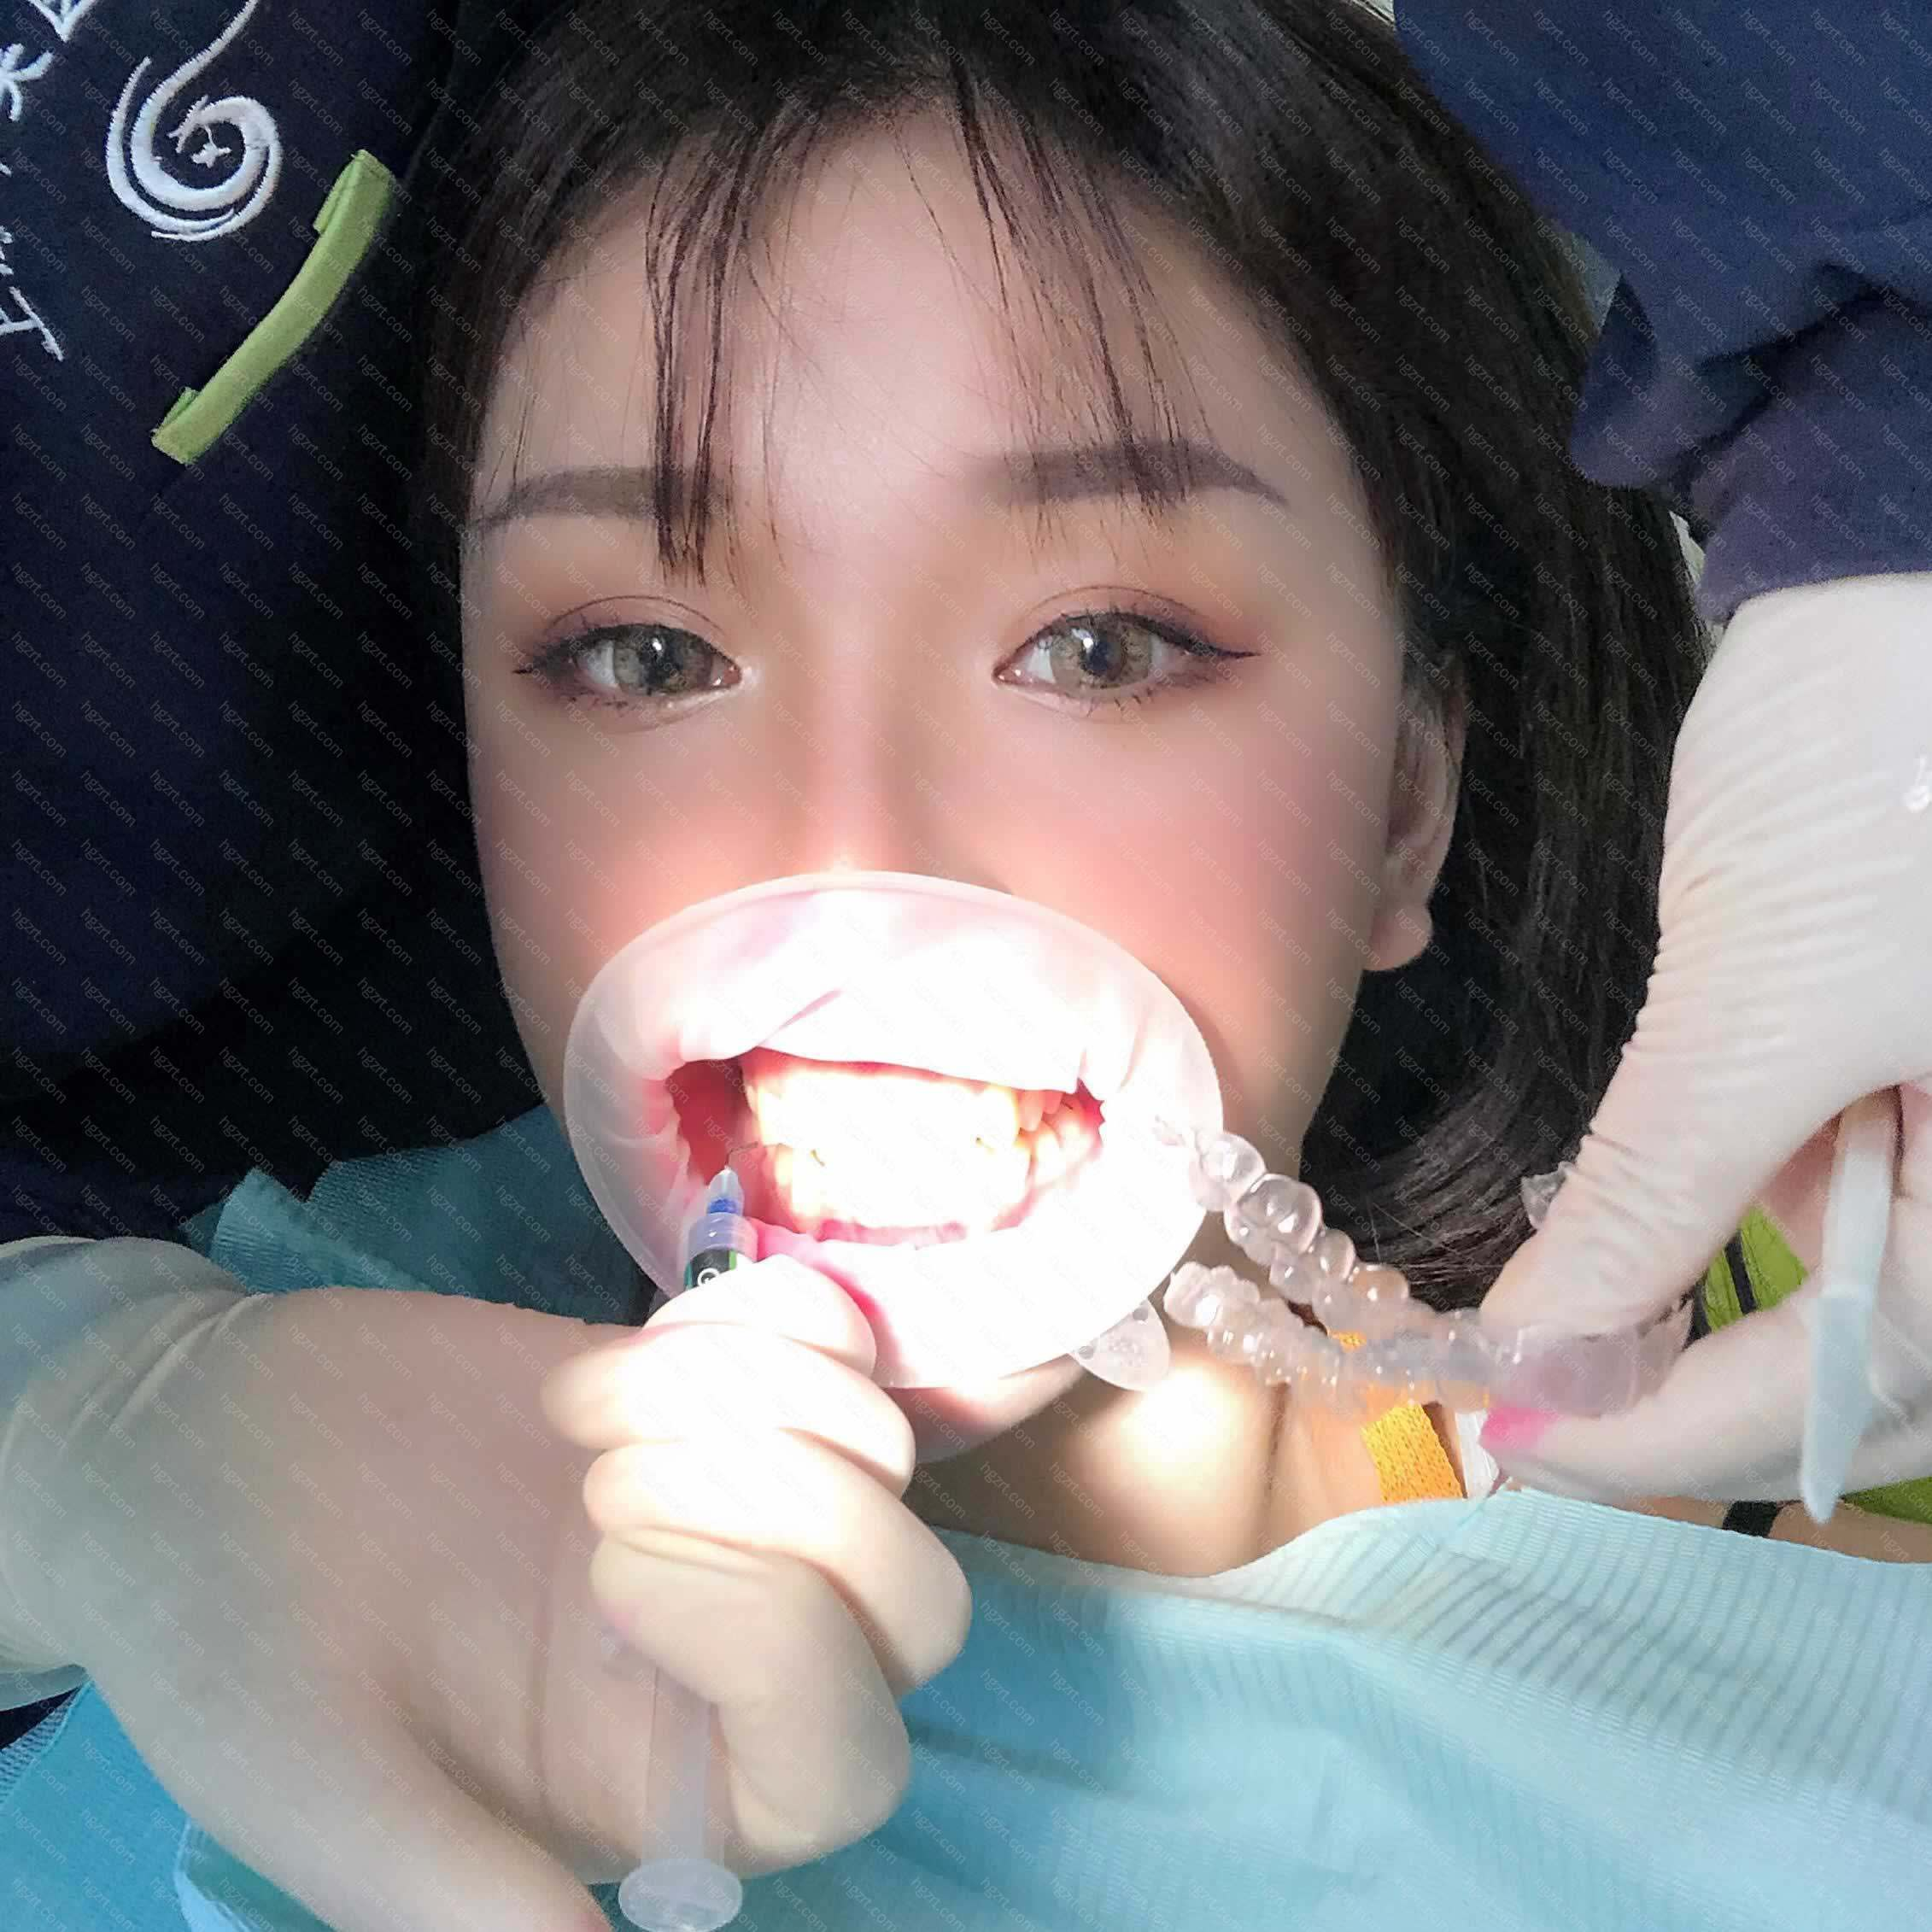 心里对牙齿矫正的想法有一次萌生了